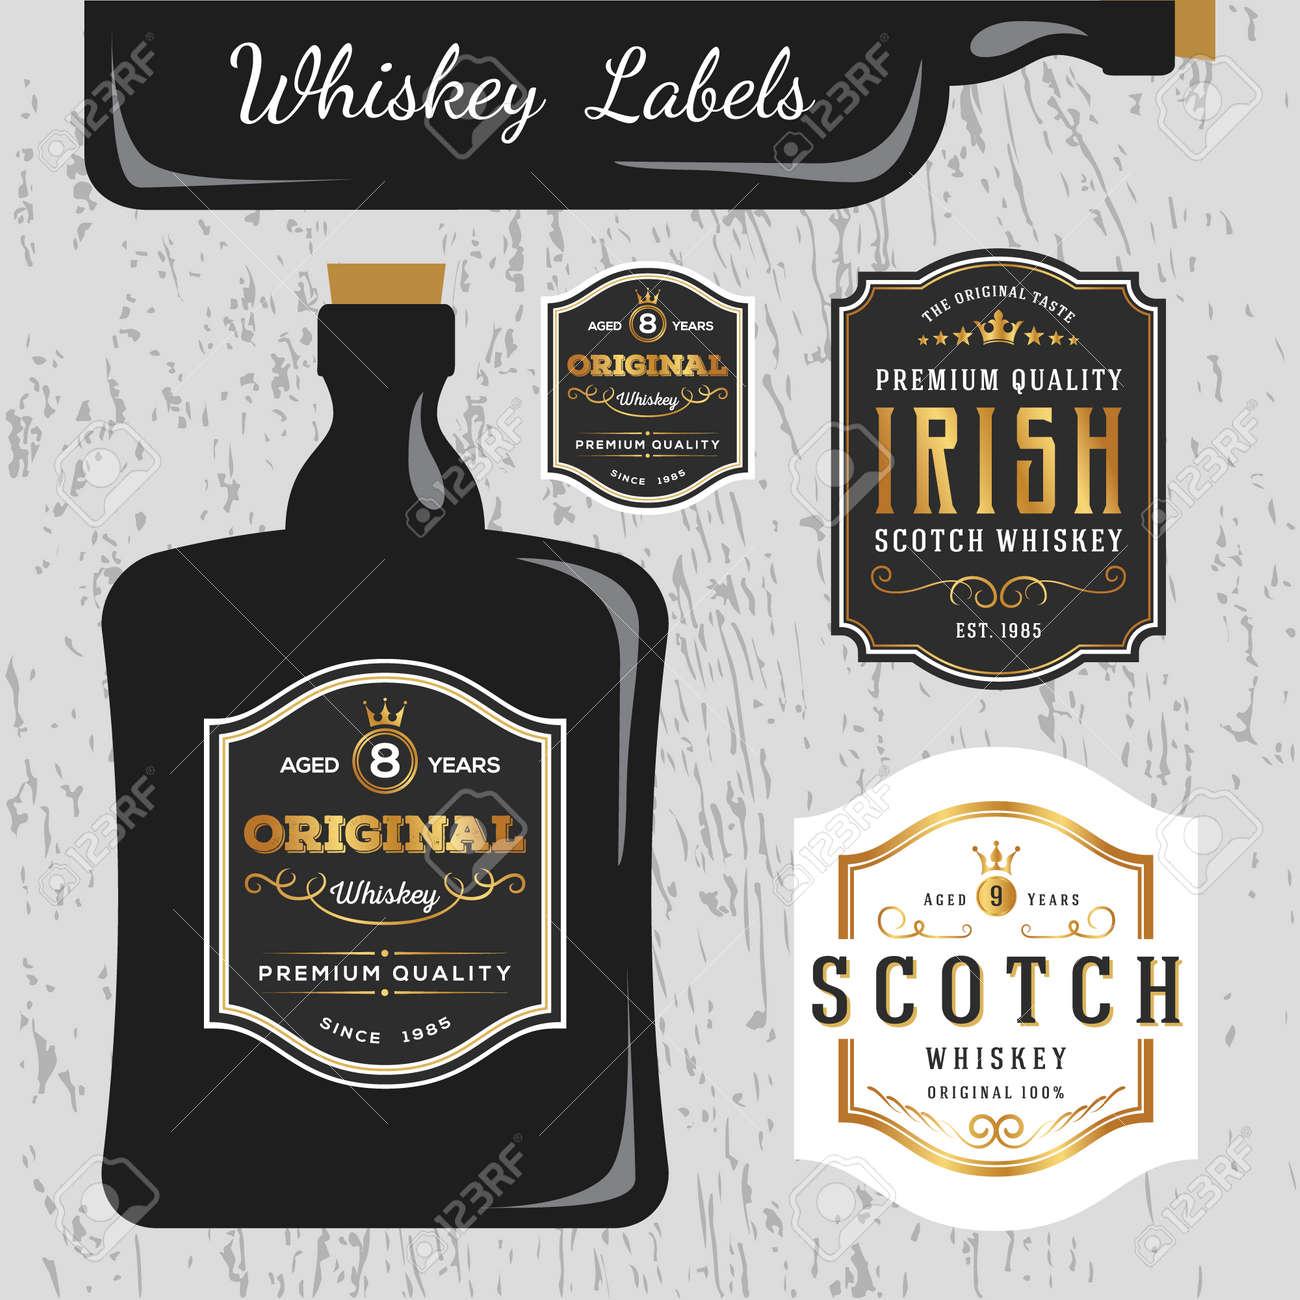 Whiskey Brands Label Design Vorlage In Der Lage Und Grosse Andern